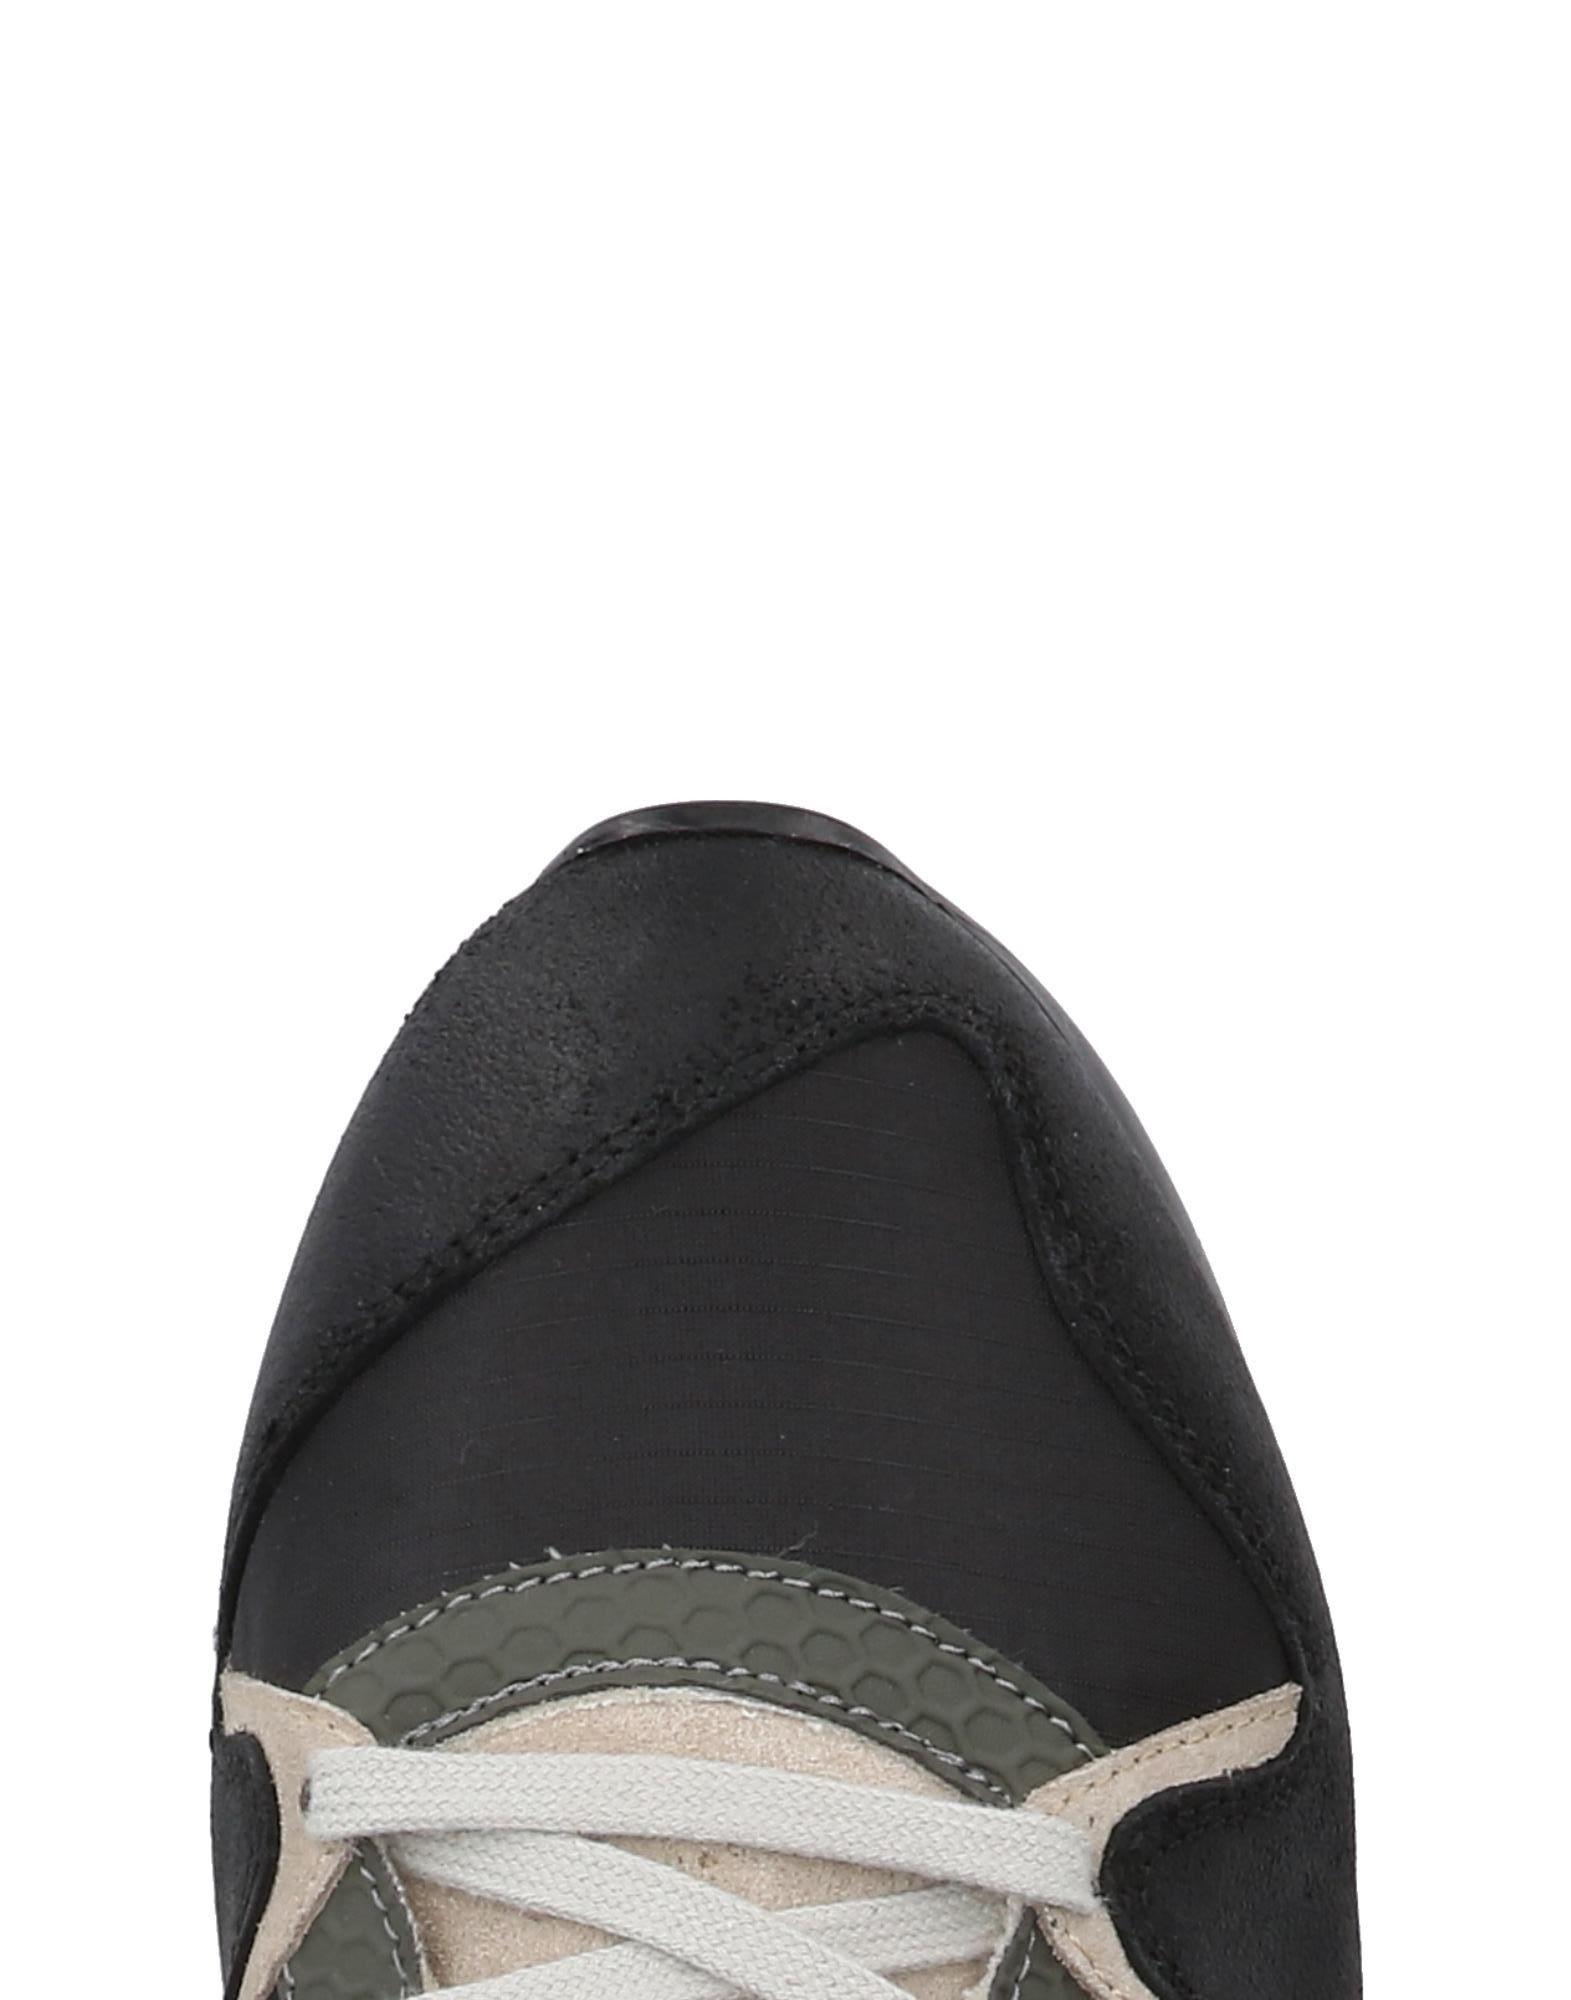 Rabatt echte Schuhe Schuhe Schuhe P448 Sneakers Herren  11457280WT 71959a